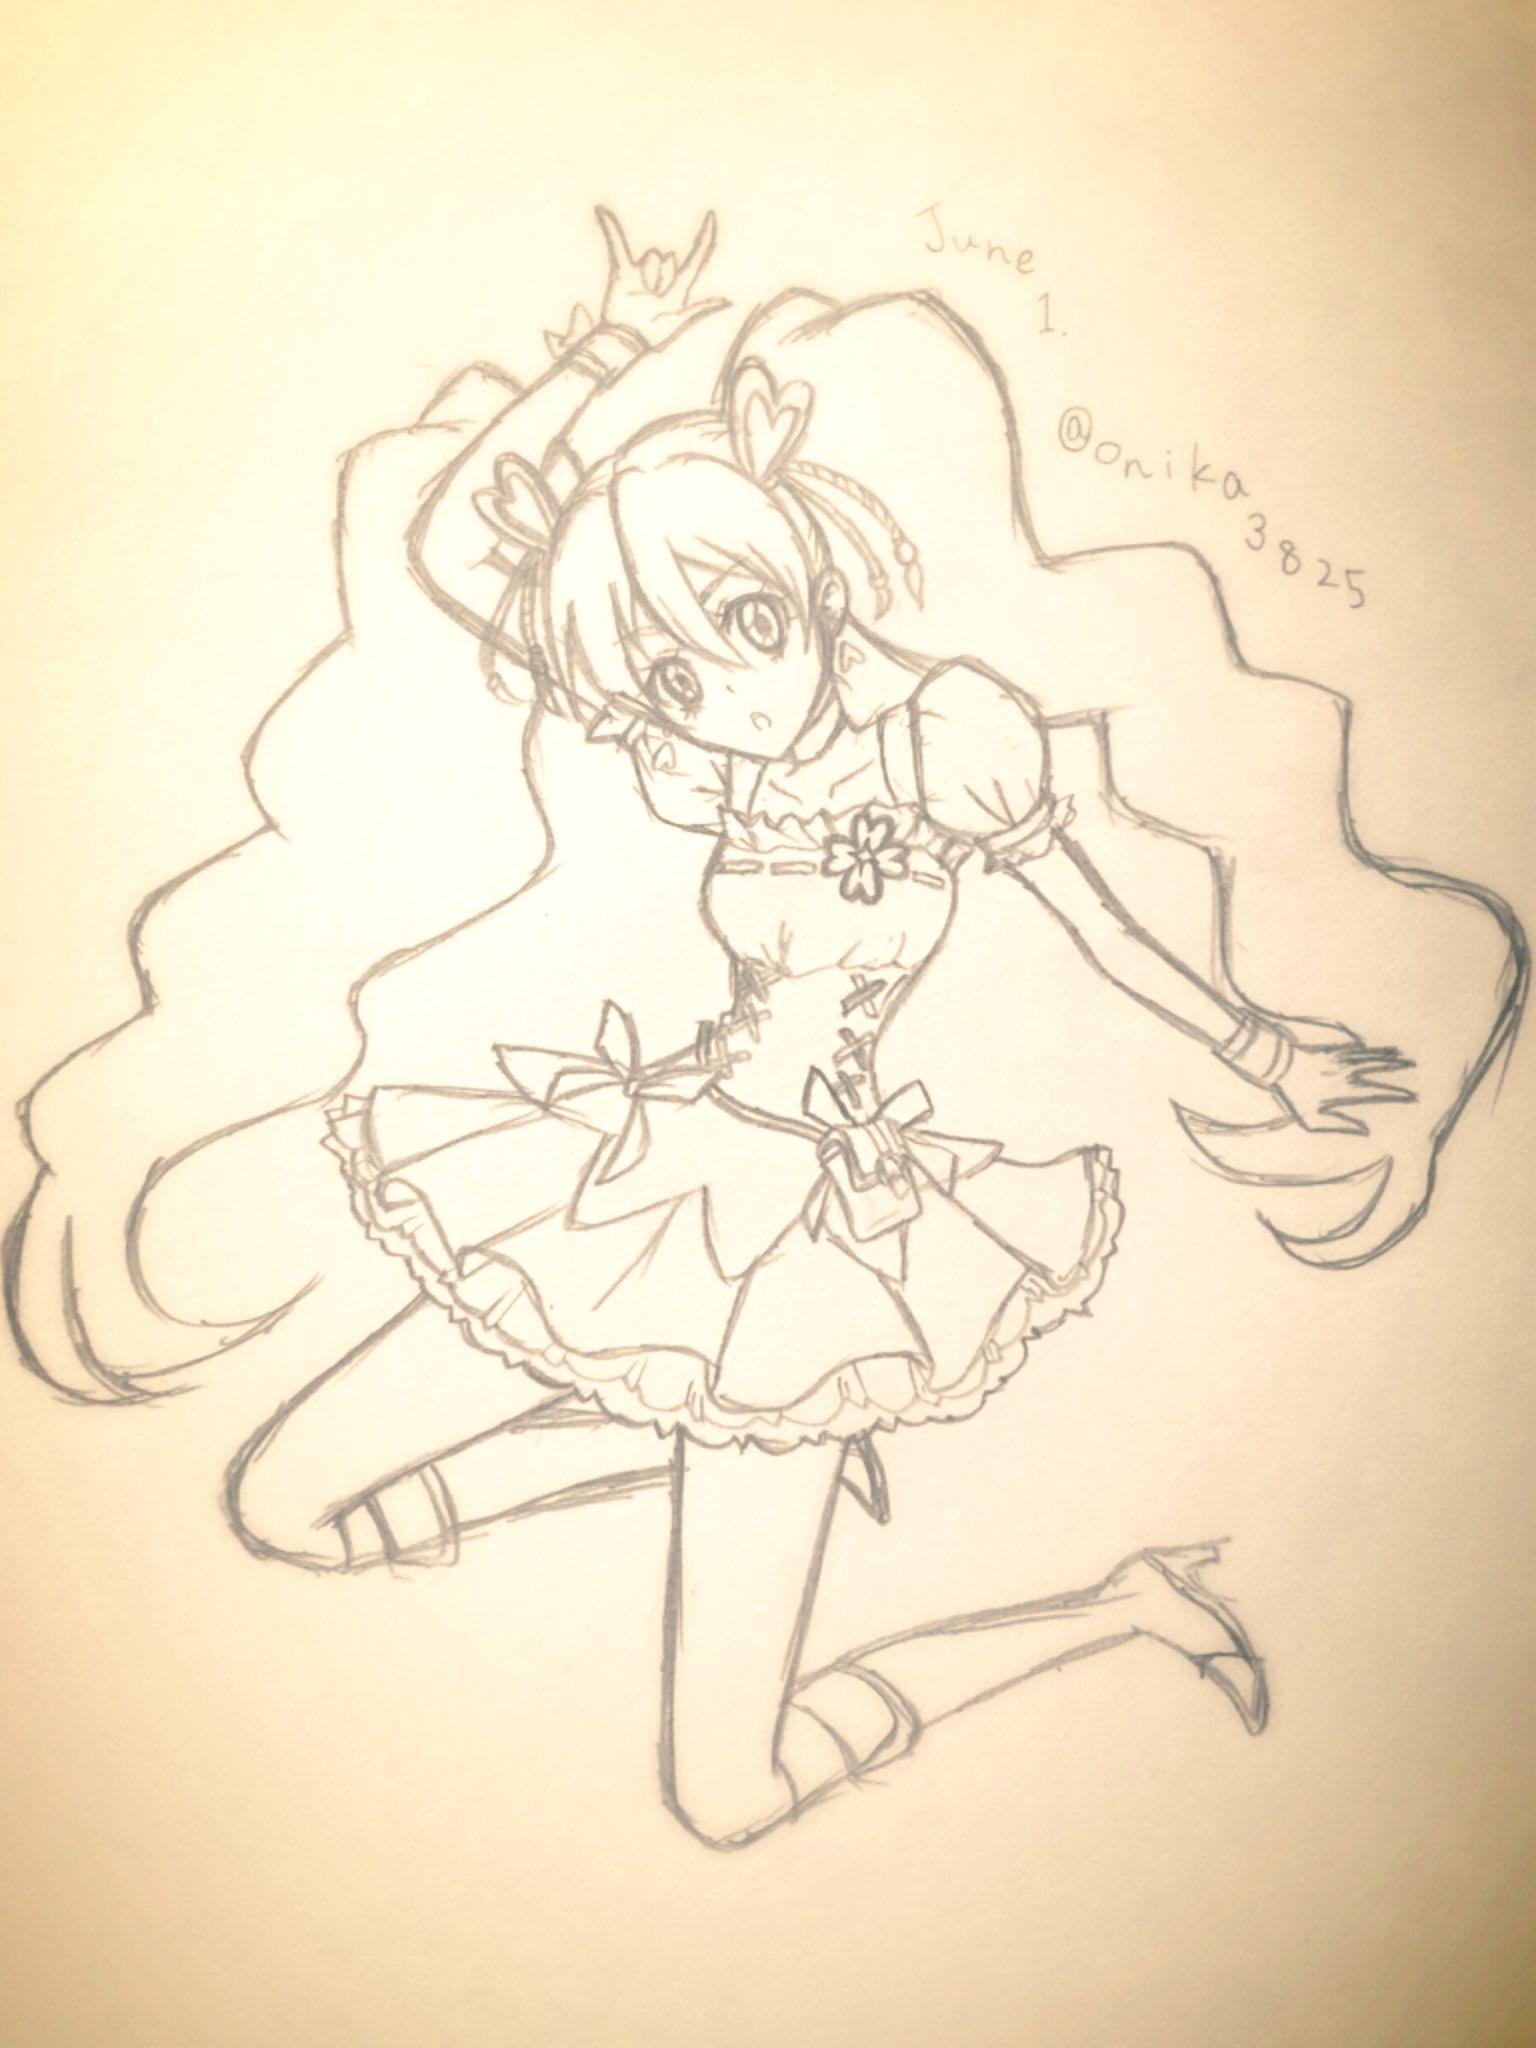 緒知オニカ (@onika3825)さんのイラスト